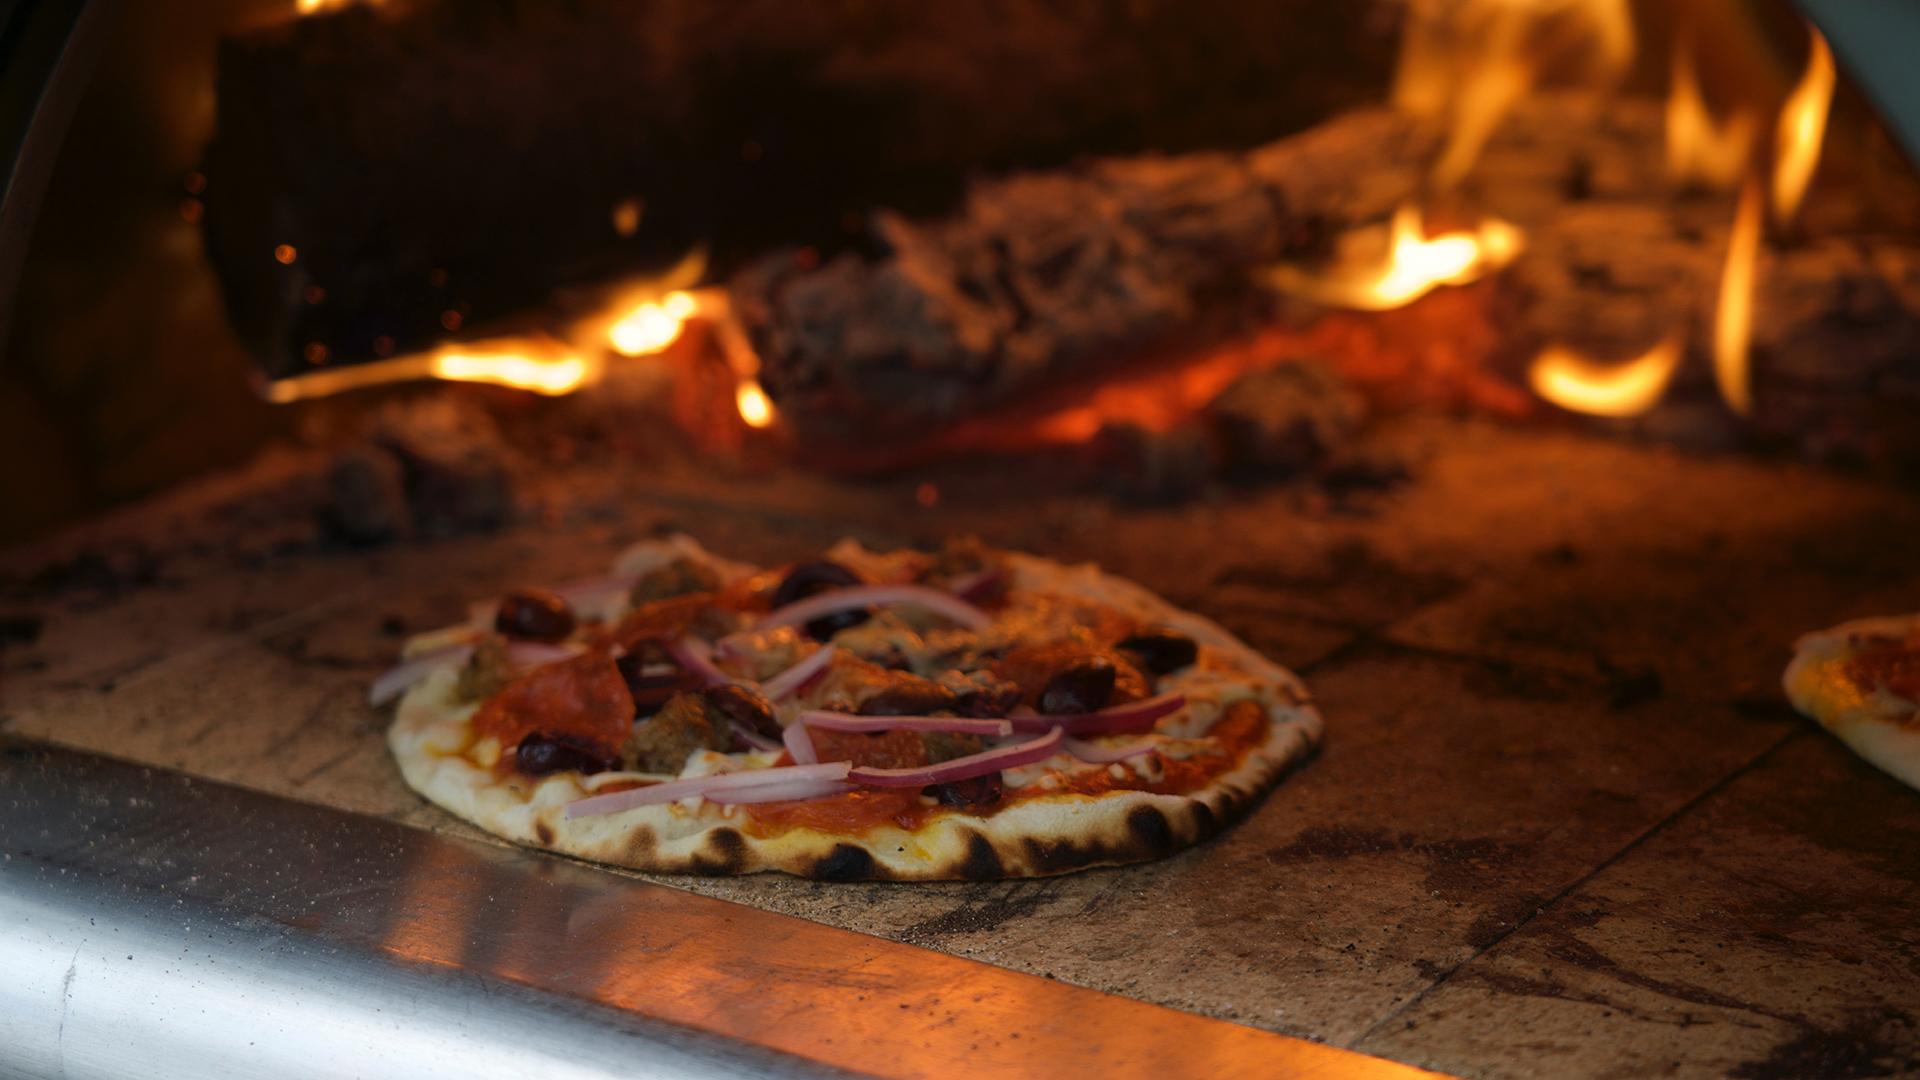 Brontos Pizza - Durbanville Takeaway Delivery